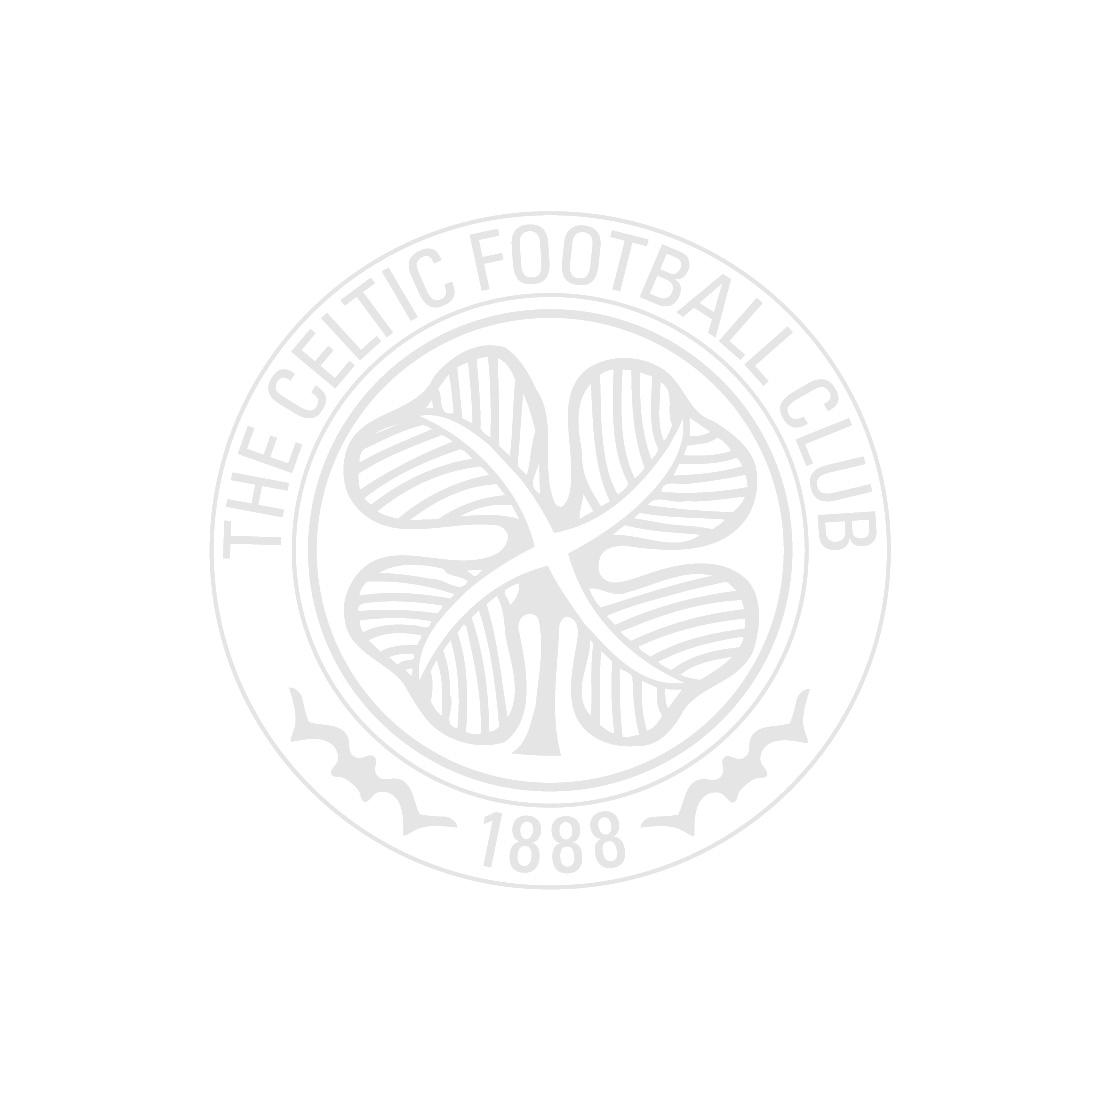 Celtic Liquid Floating Crest Phone Case